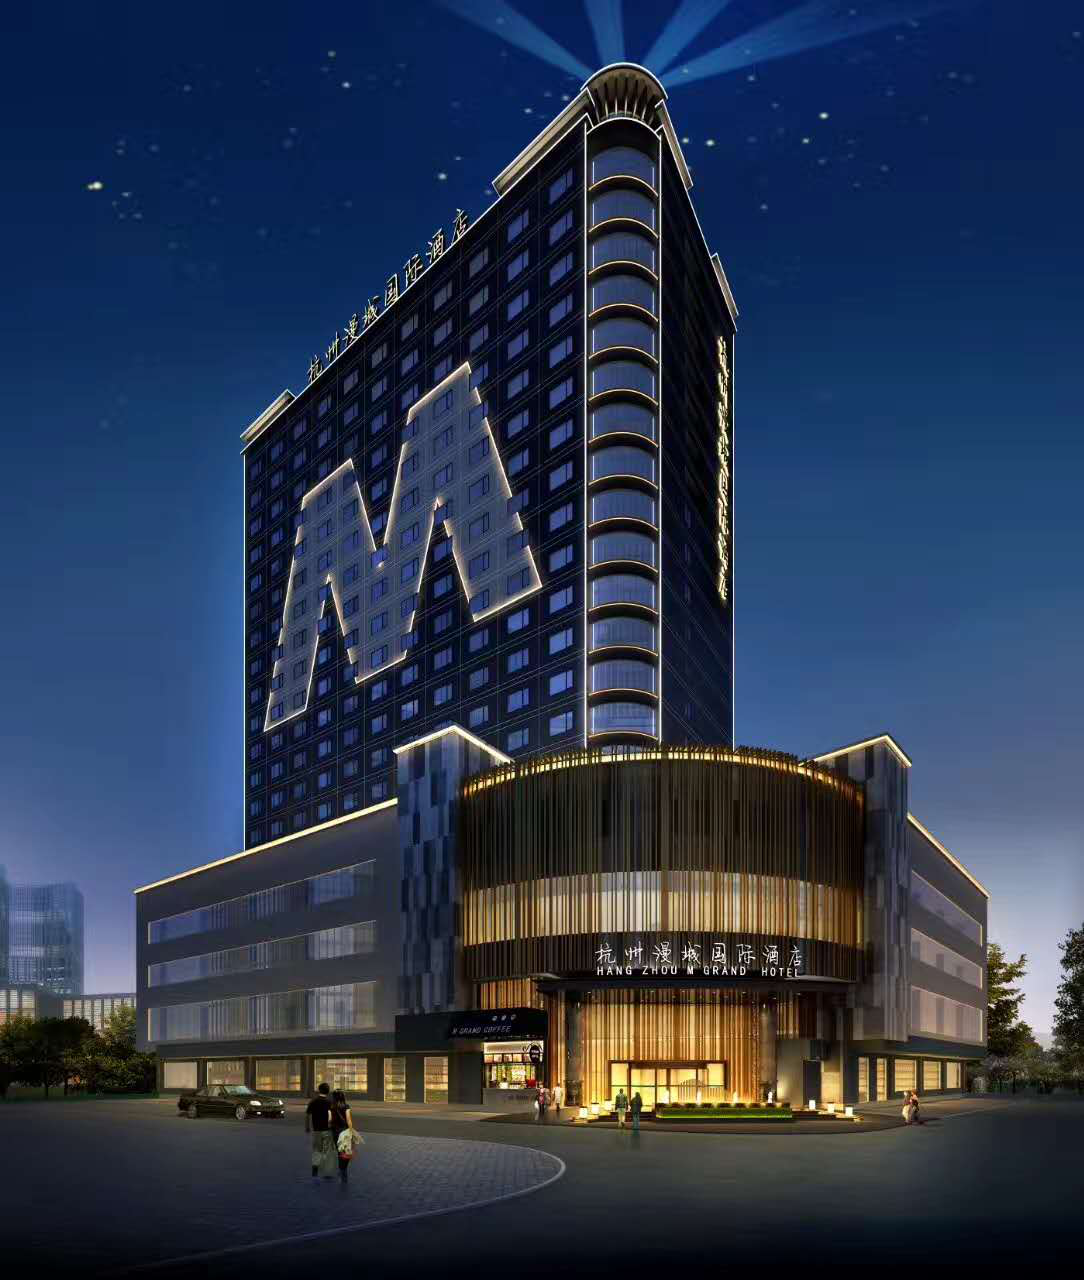 杭州漫城酒店空调合作方案